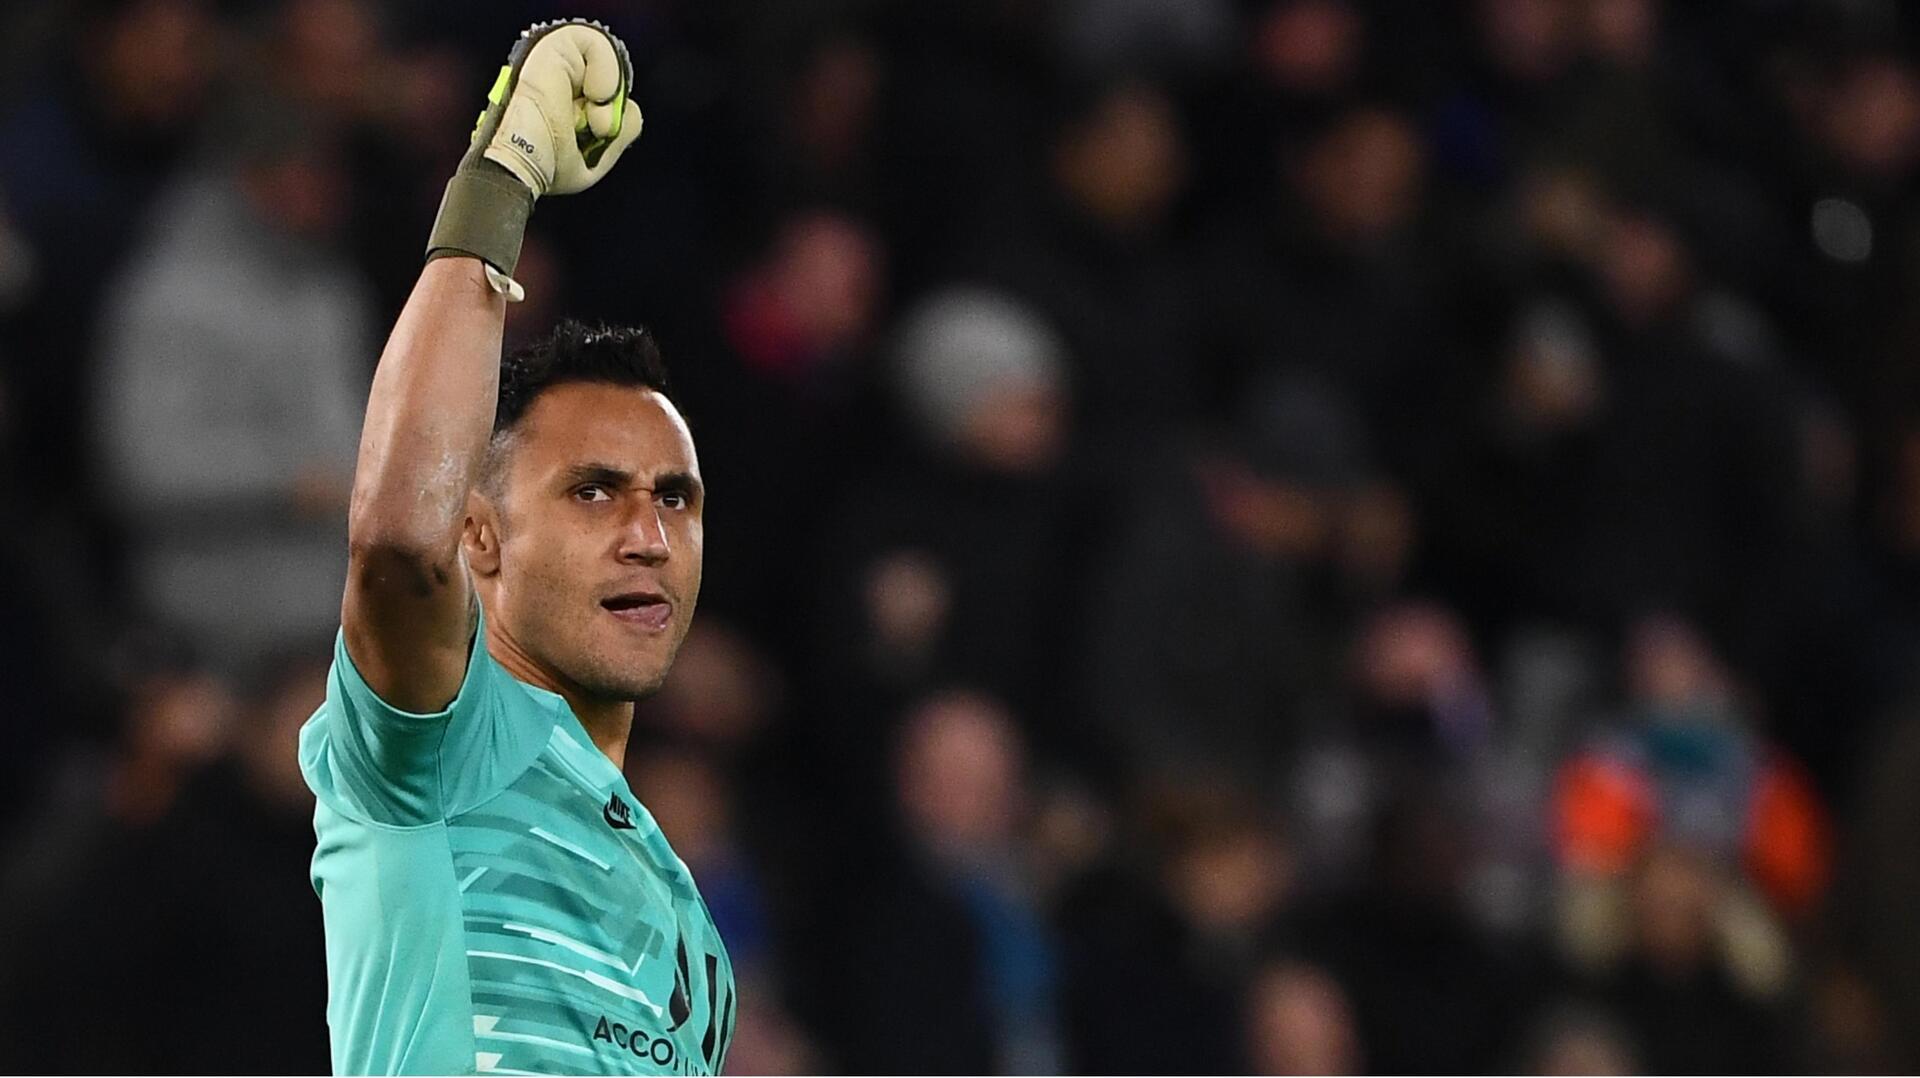 باريس سان جيرمان يخسر حارس مرماه الرابع في الموسم الحالي